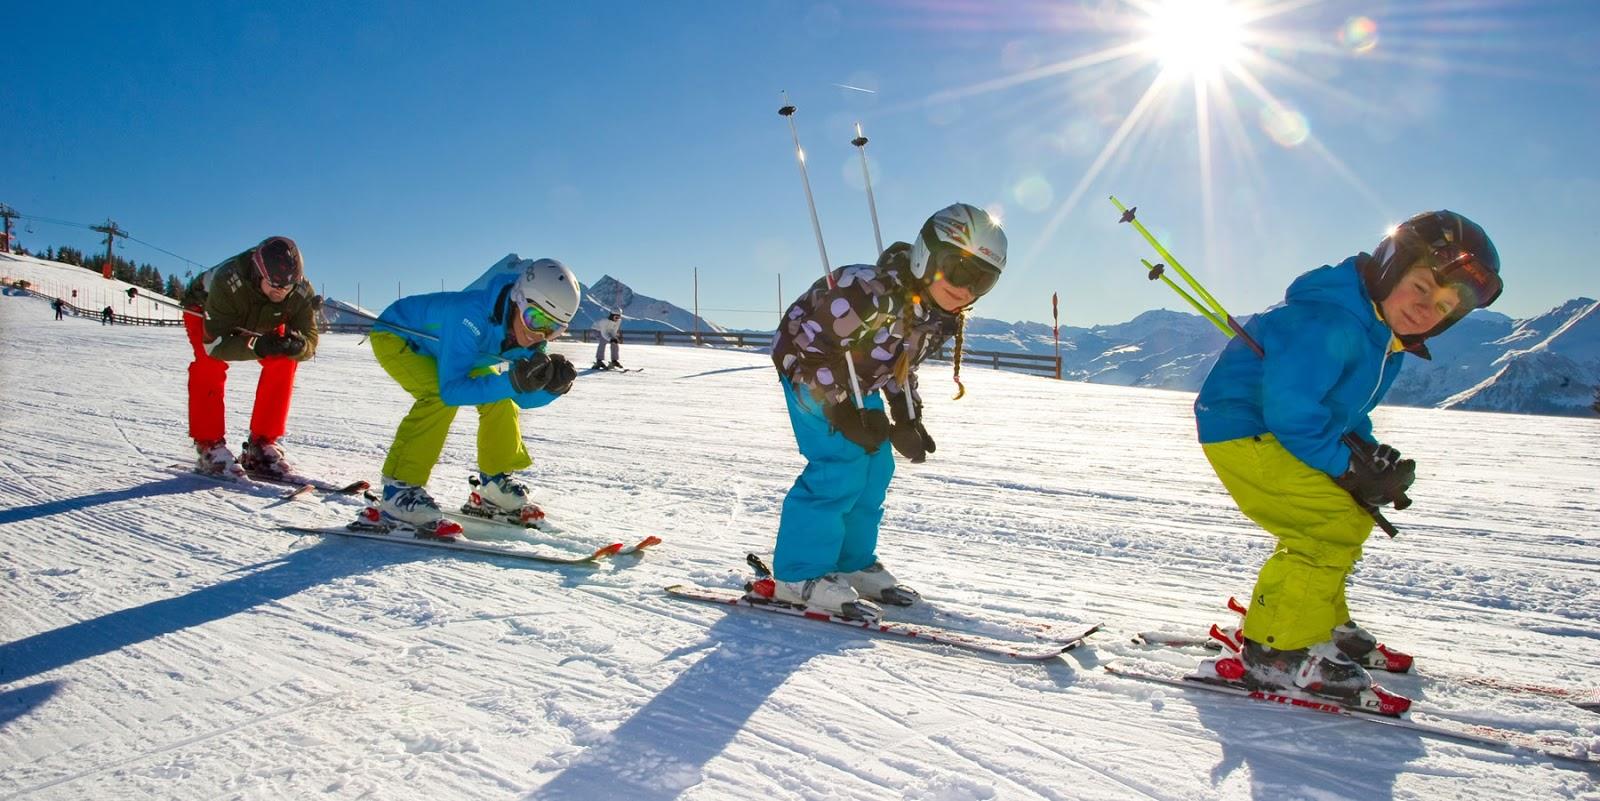 snowboardozás rossz látással hogyan lehet megakadályozni a rossz látást